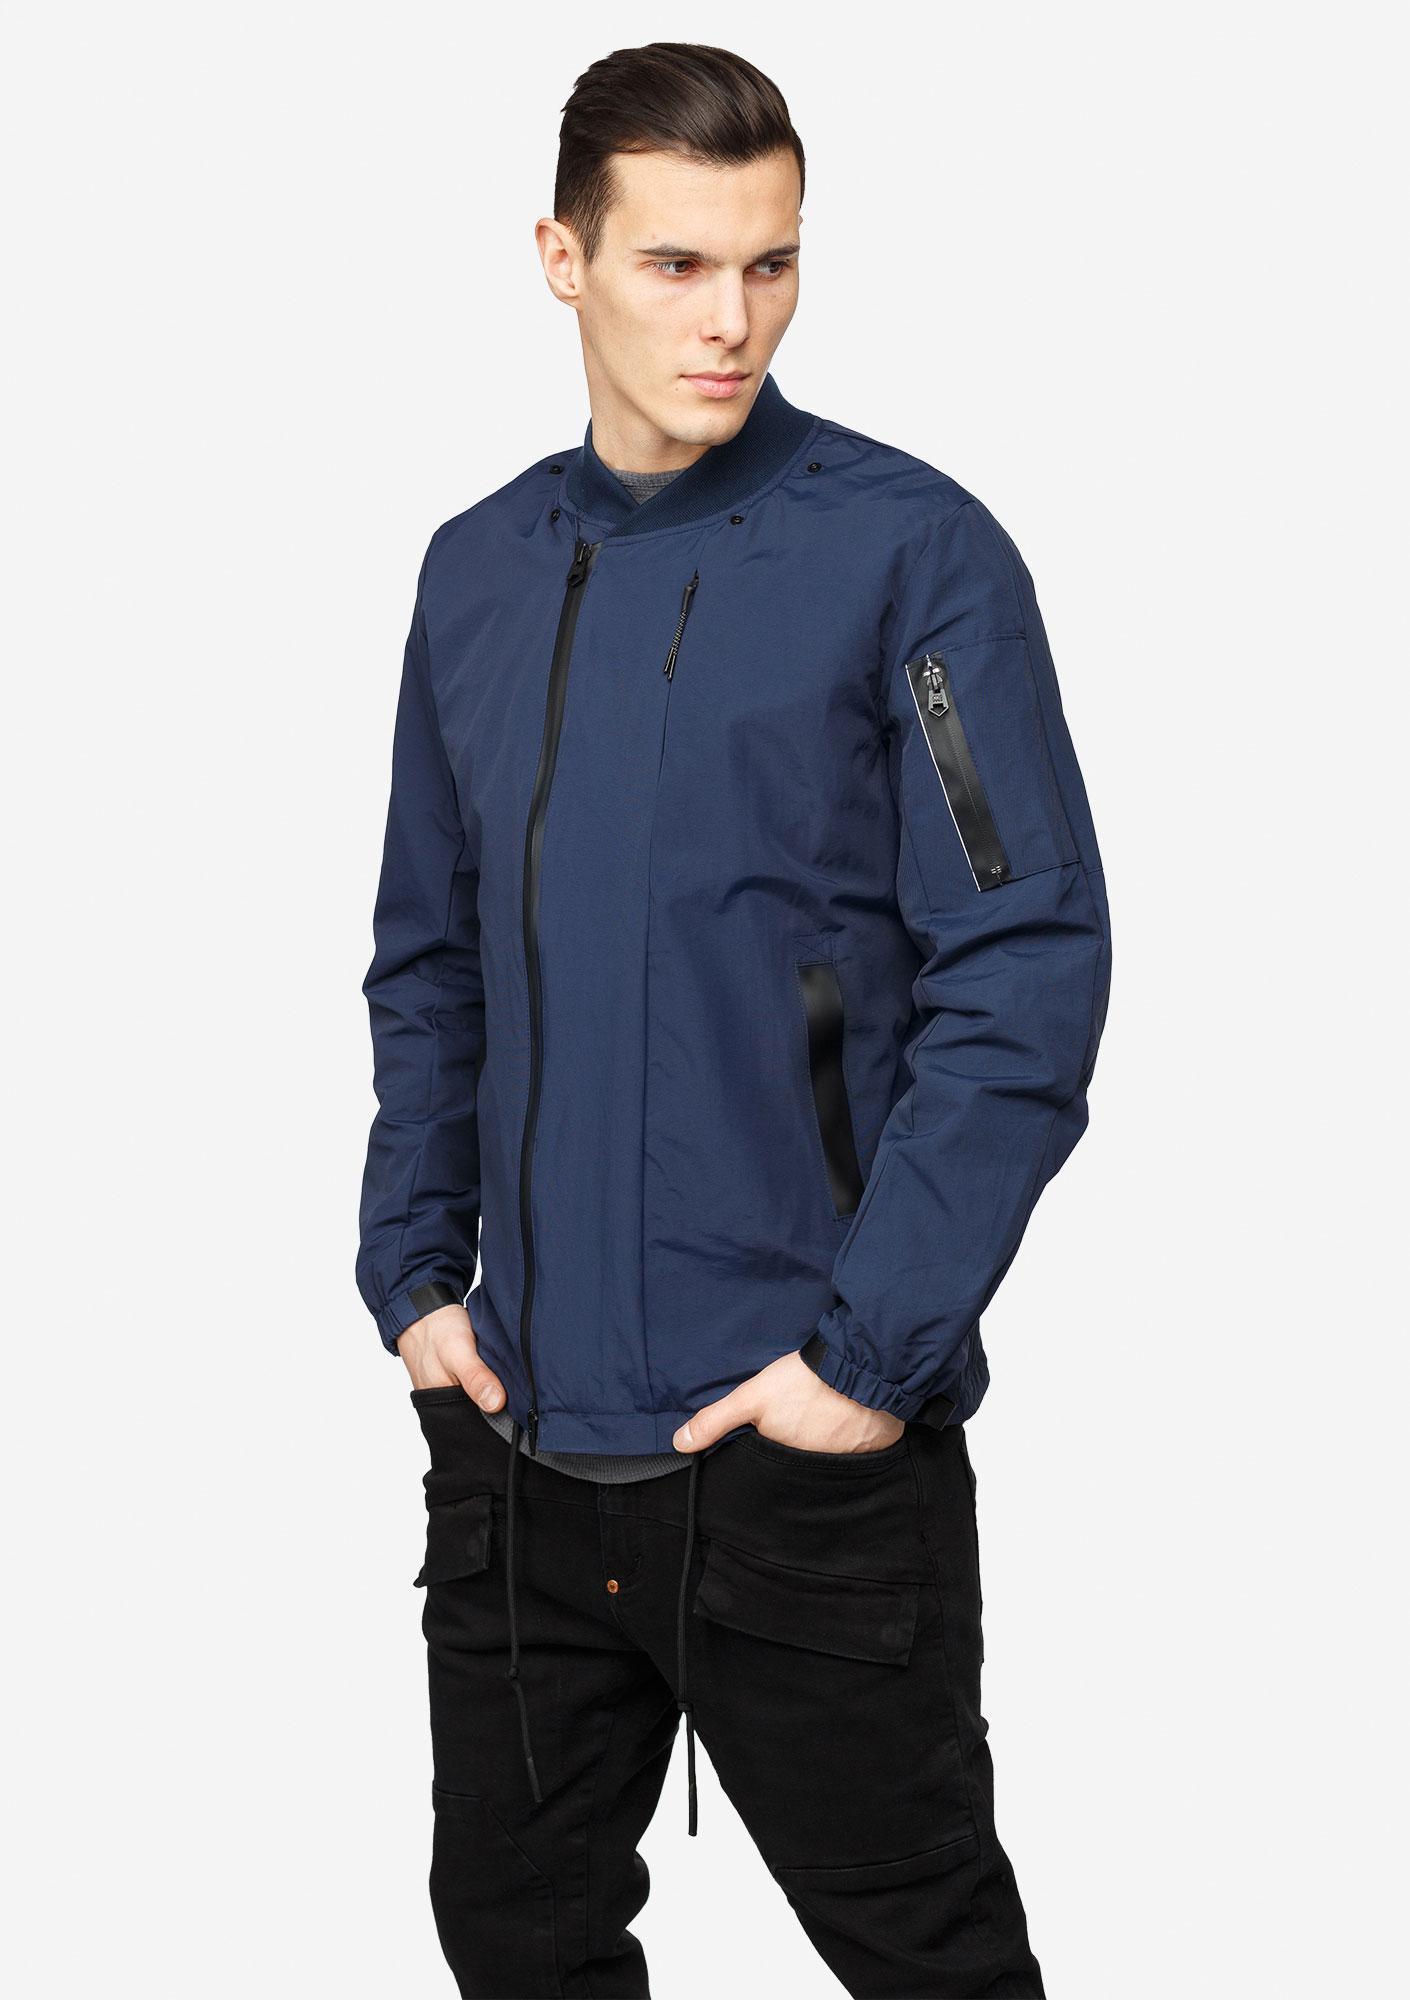 куртка-трансформер KRAKATAU Q139/2 HASSIUM